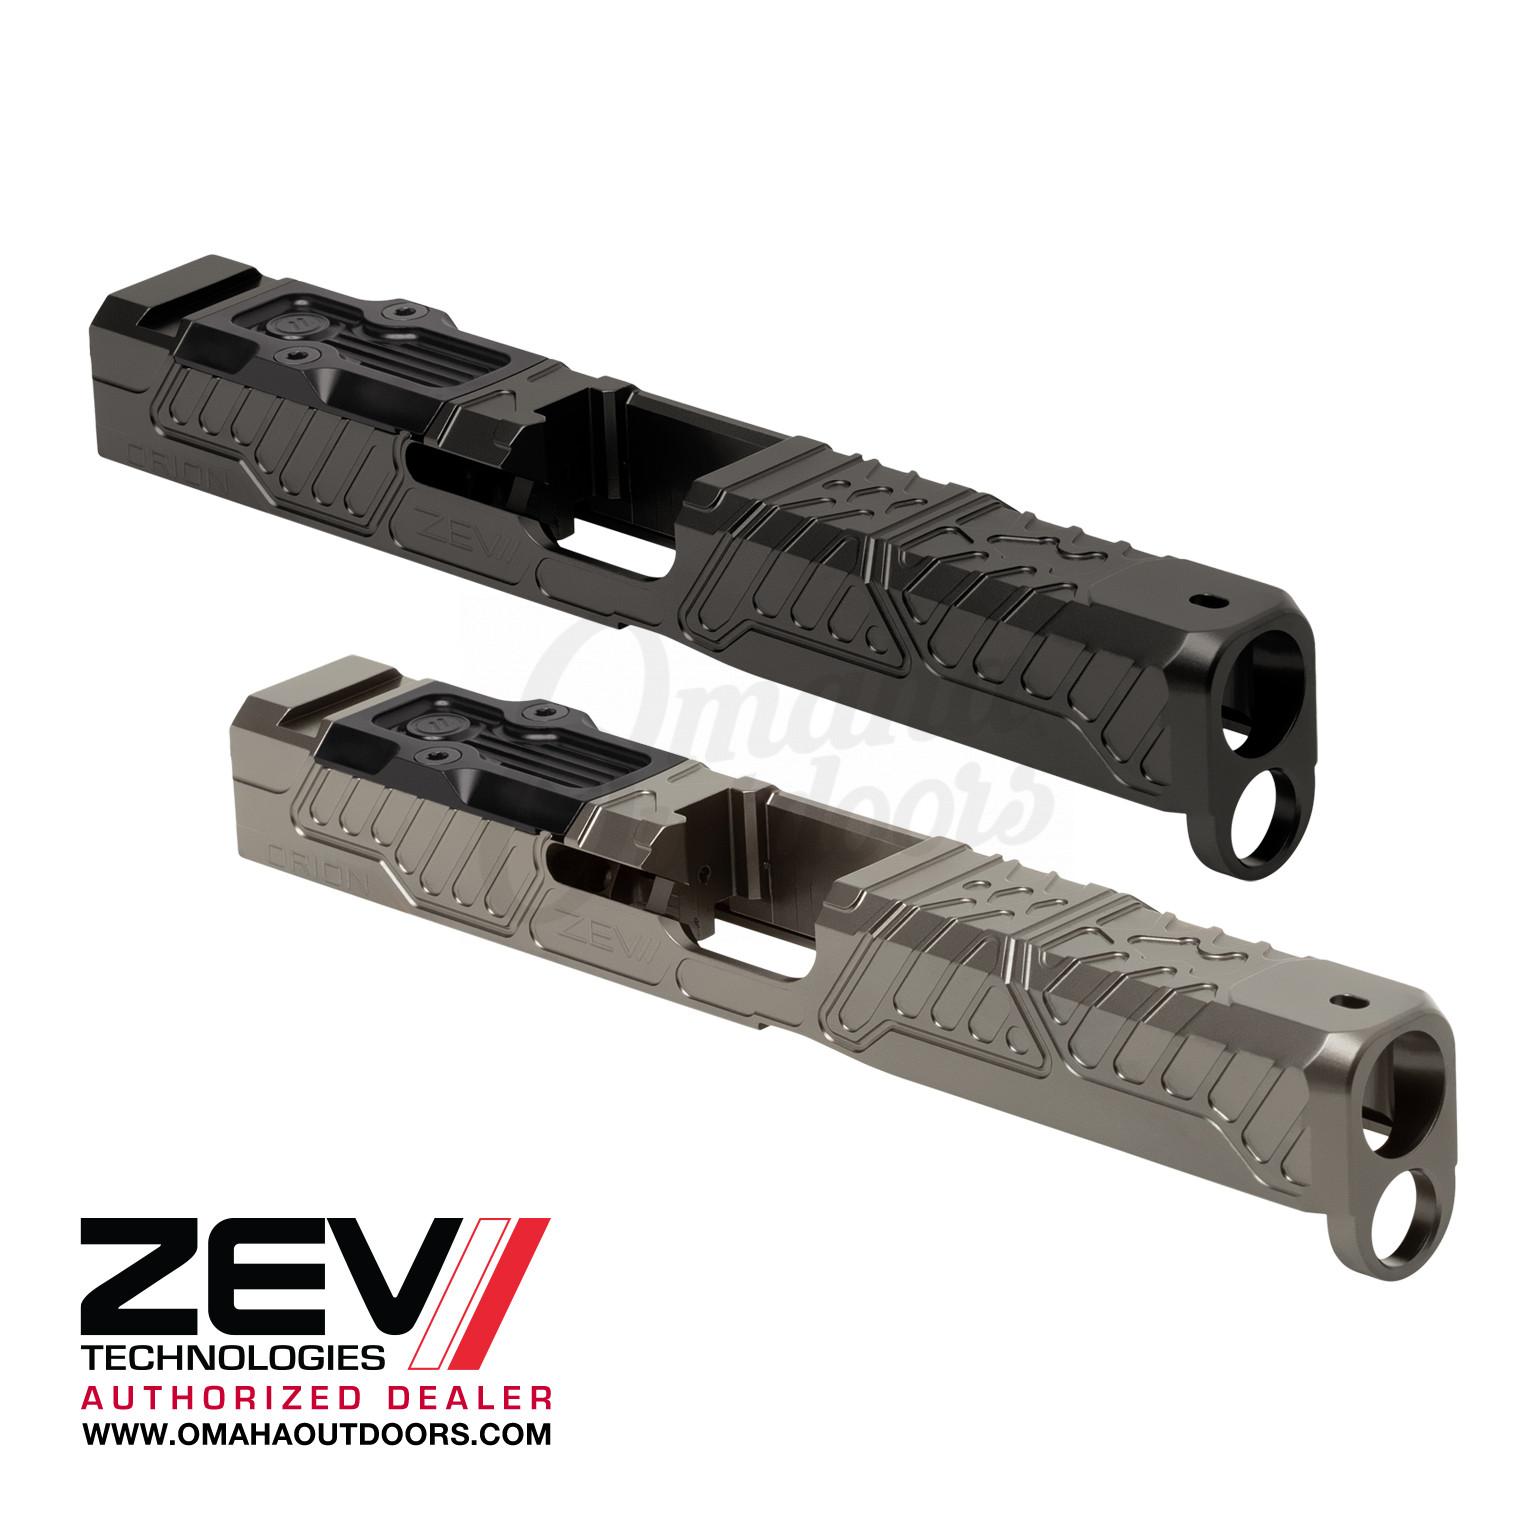 ZEV Tech Orion Stripped Slide Glock 17 Gen 5 RMR Cut